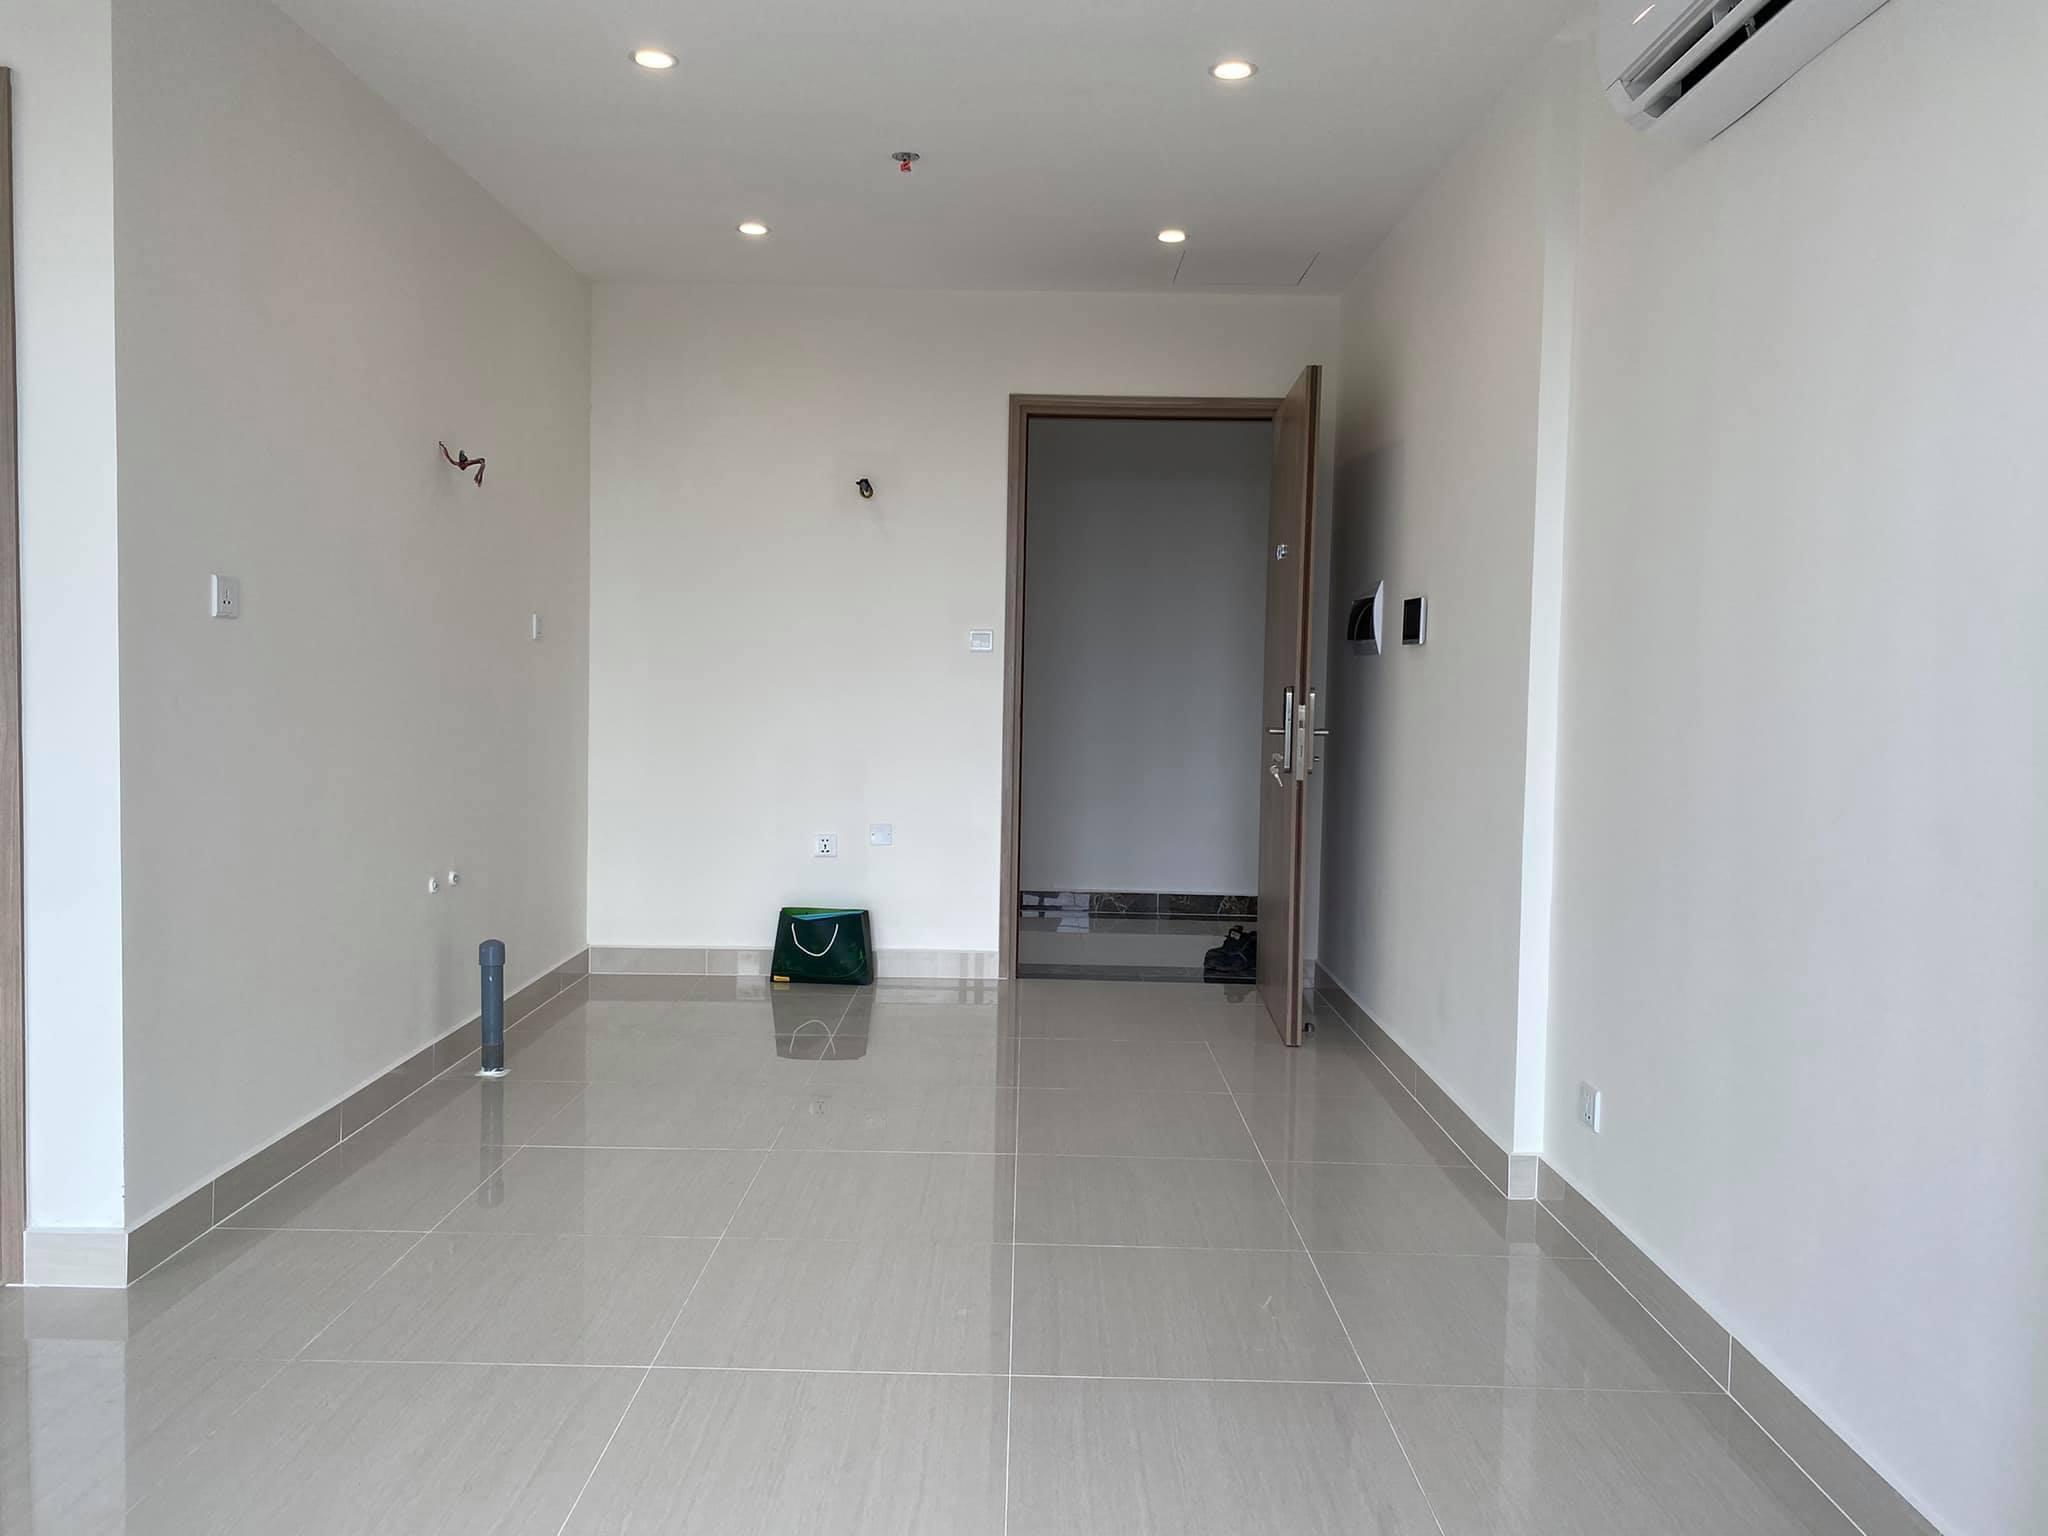 Căn hộ 2 phòng ngủ 2wc nhà trống toà S1.02 giá 5,5tr/tháng 7